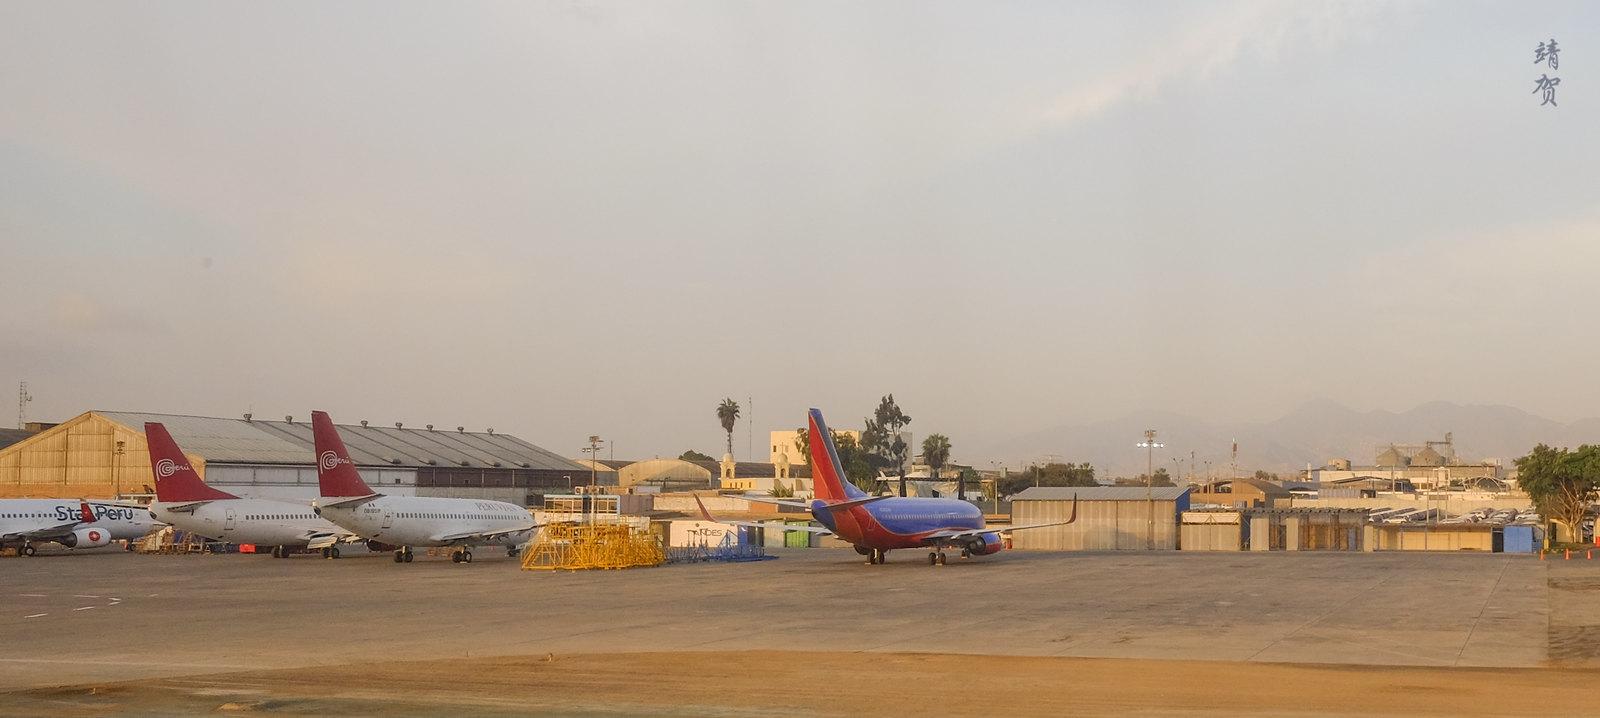 Odd Southwest plane